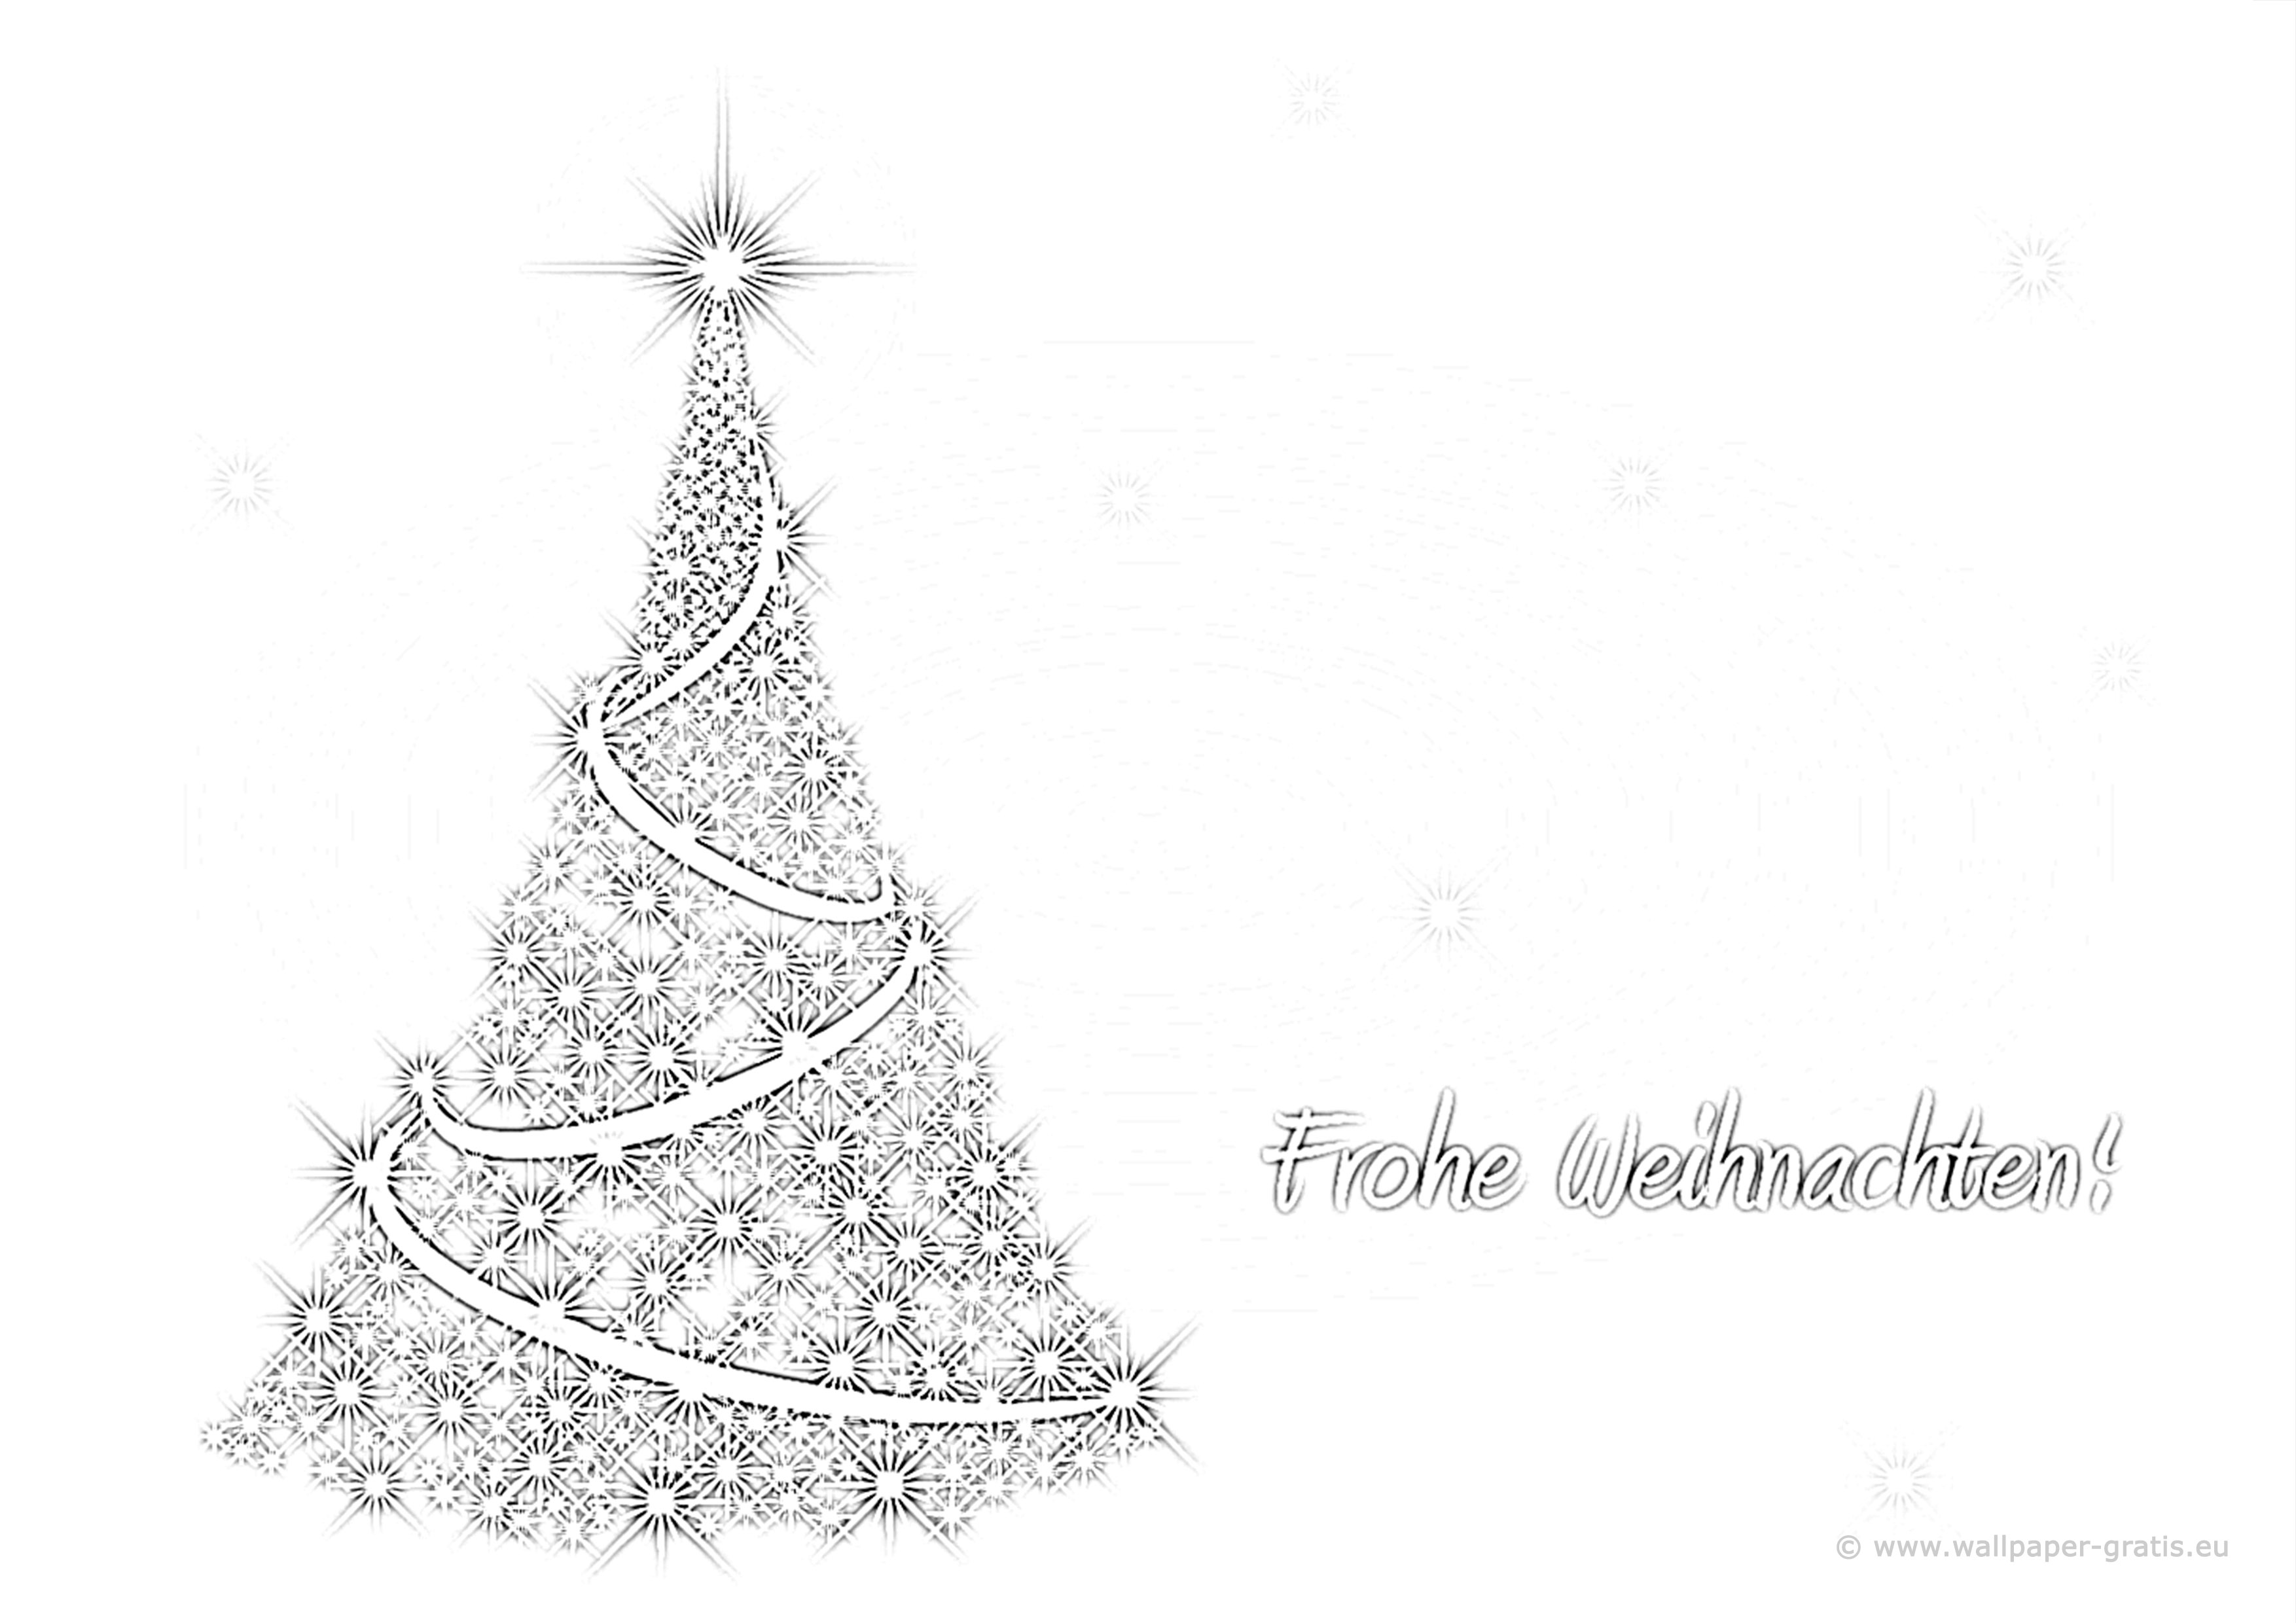 frohe weihnachten 005 kostenloses hintergrundbild f r. Black Bedroom Furniture Sets. Home Design Ideas